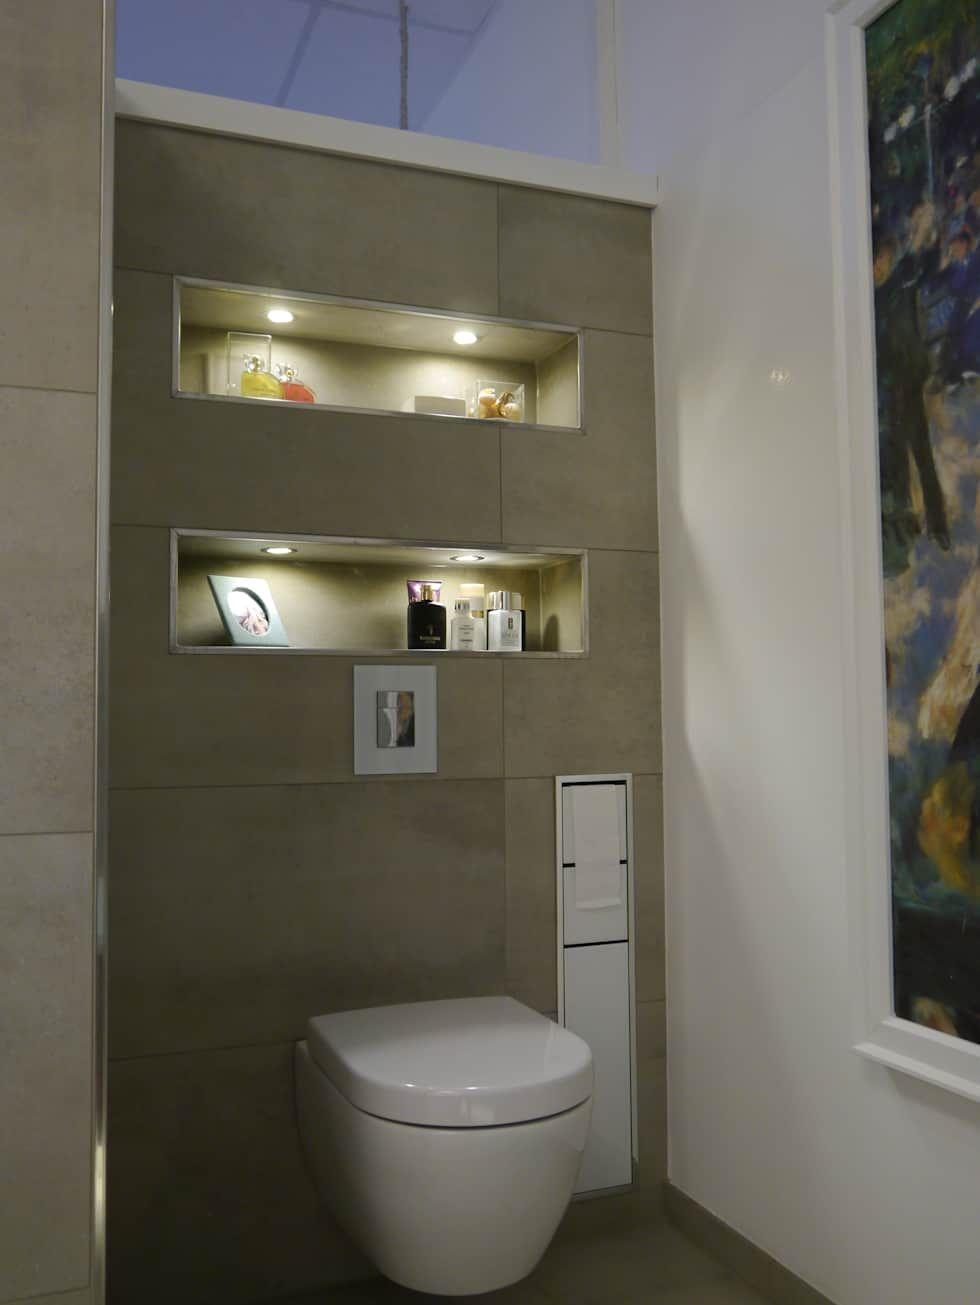 Ein kleines Badezimmer einrichten 9 wunderbare Ideen  Bad  Badezimmer Badezimmer